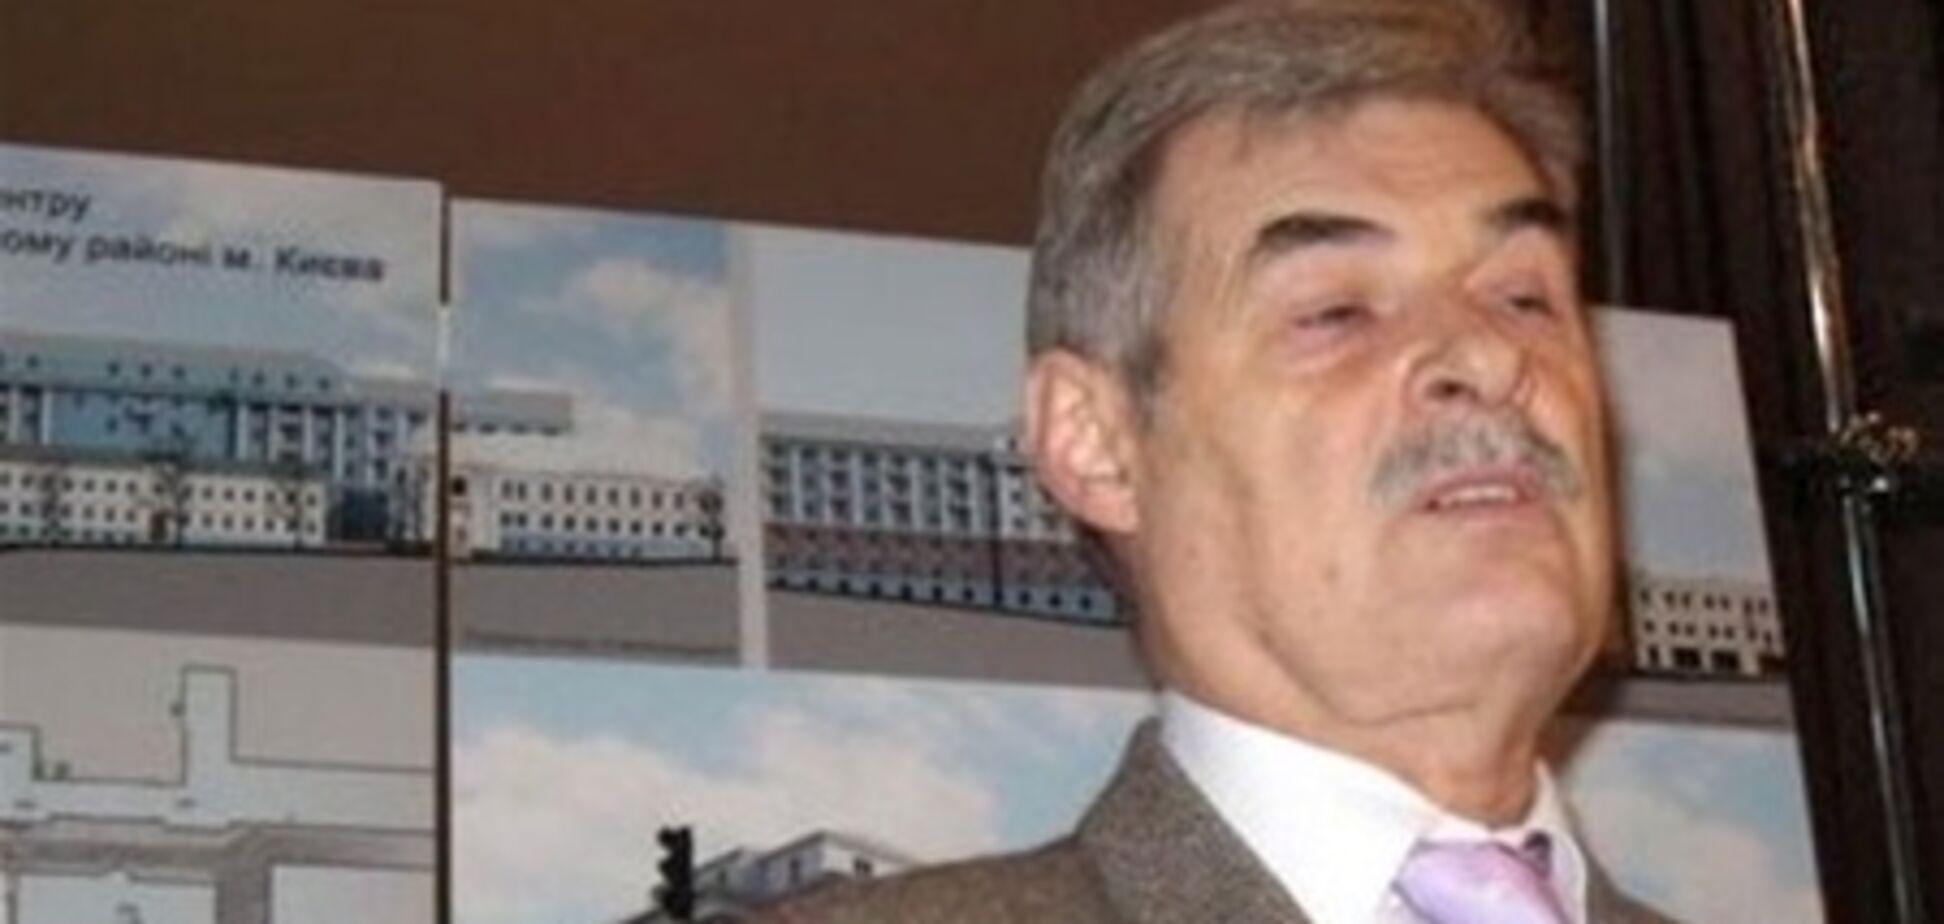 Целовальник уверяет, что проект реконструкции ЦУМа в глаза не видел